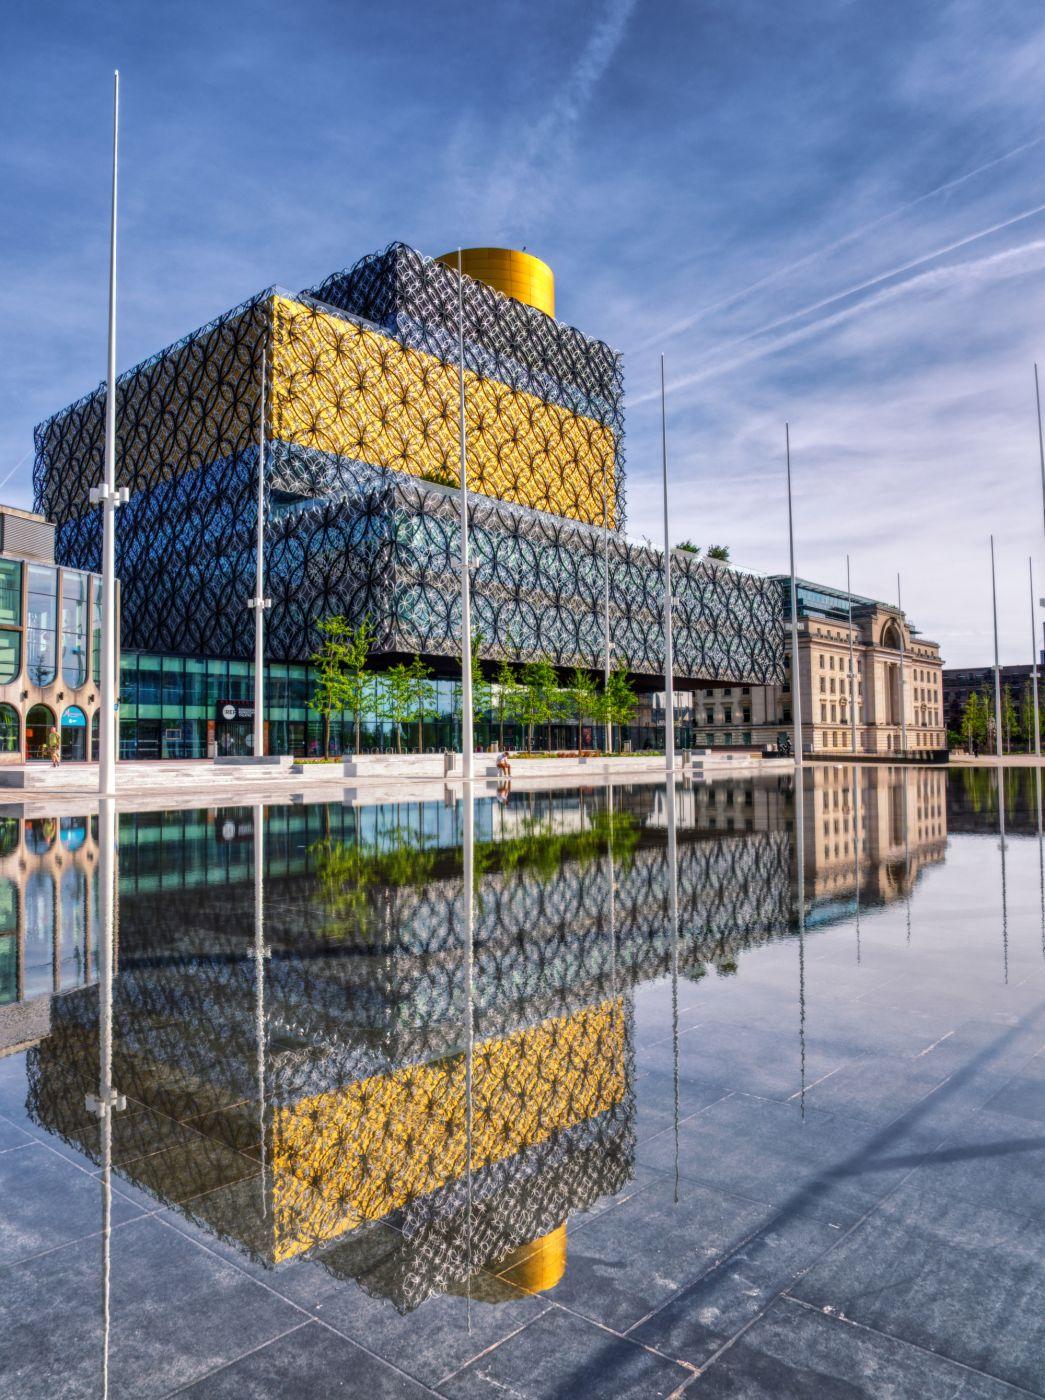 Library of Birmingham, United Kingdom